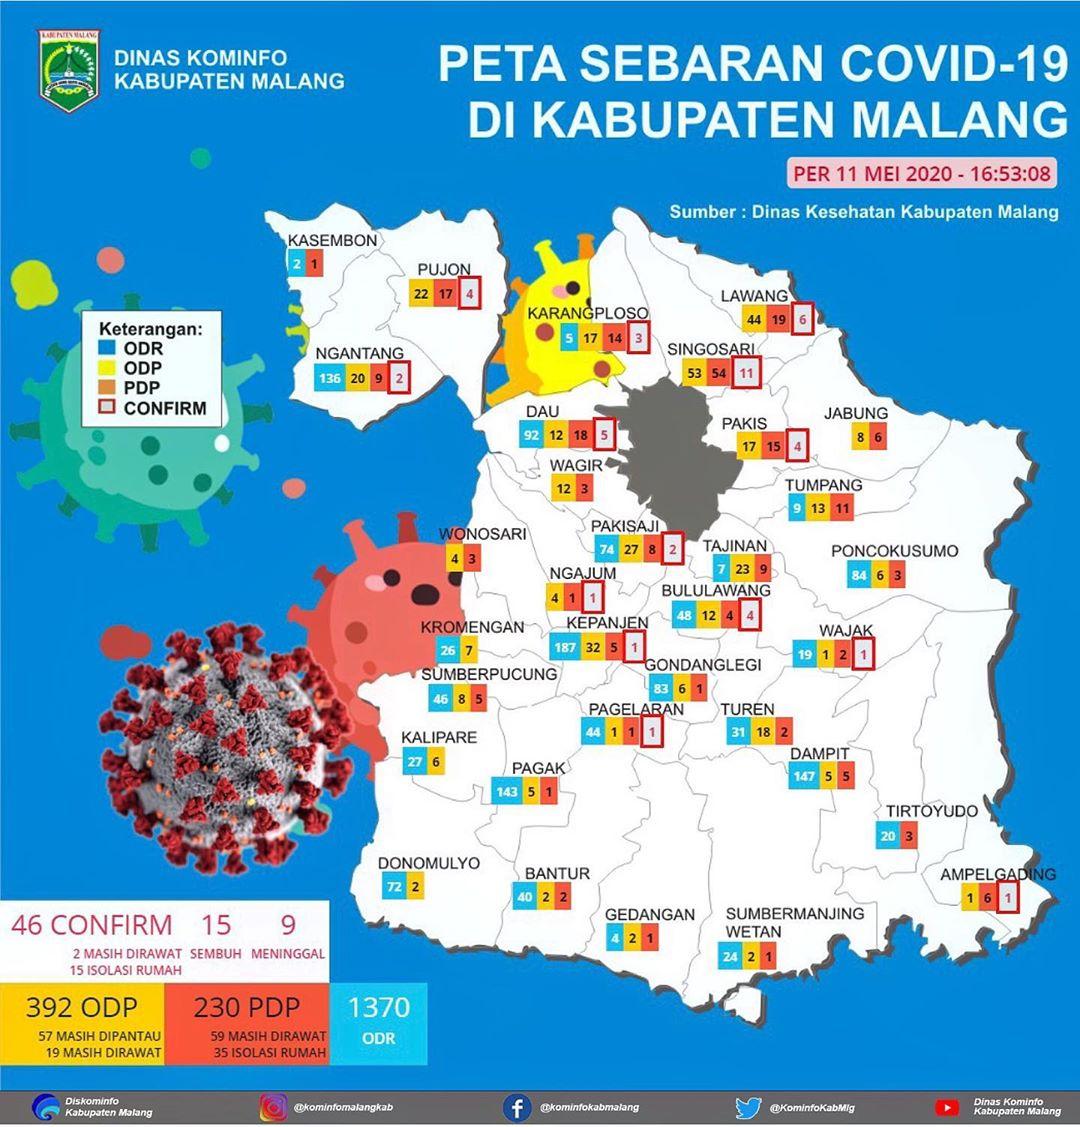 Peta Covid-19 per 11 Mei 2020